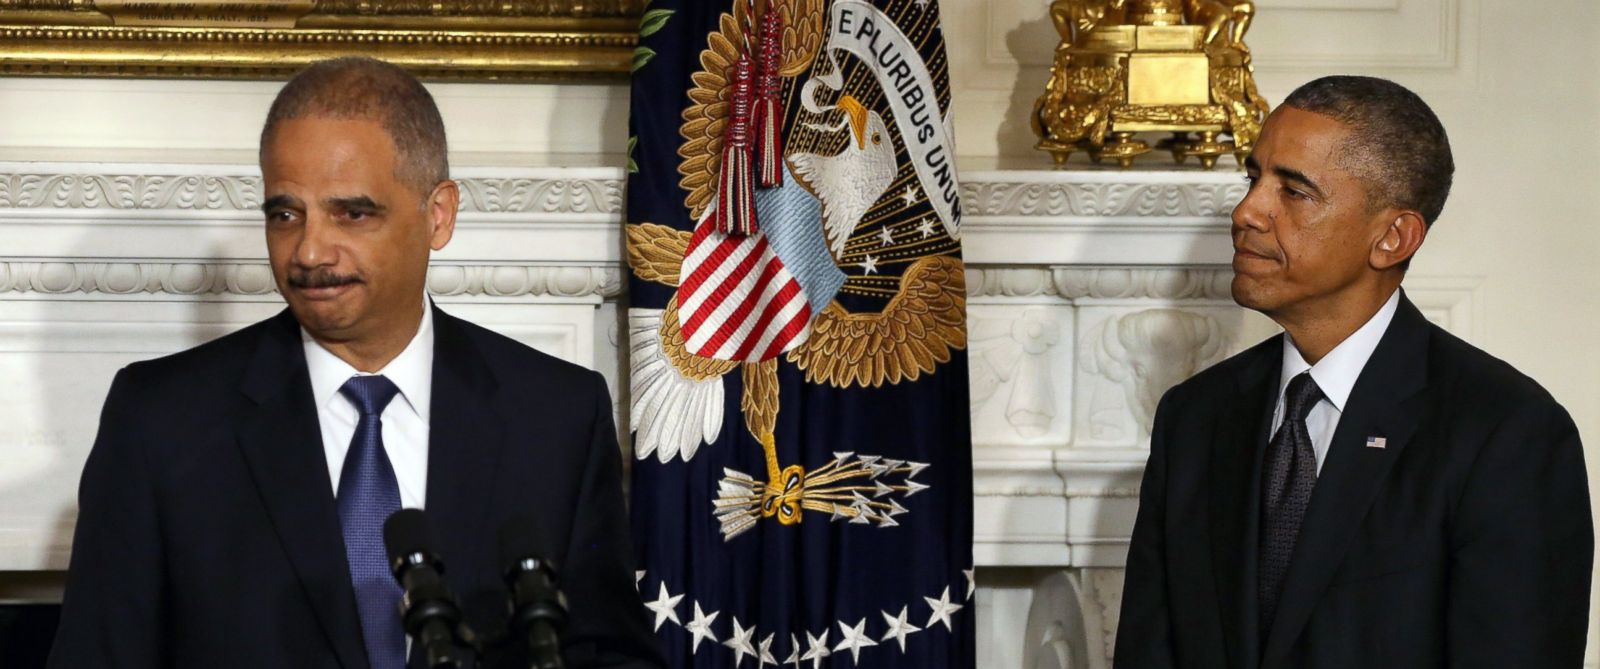 President Barack Obama and former Attorney General Eric Holder